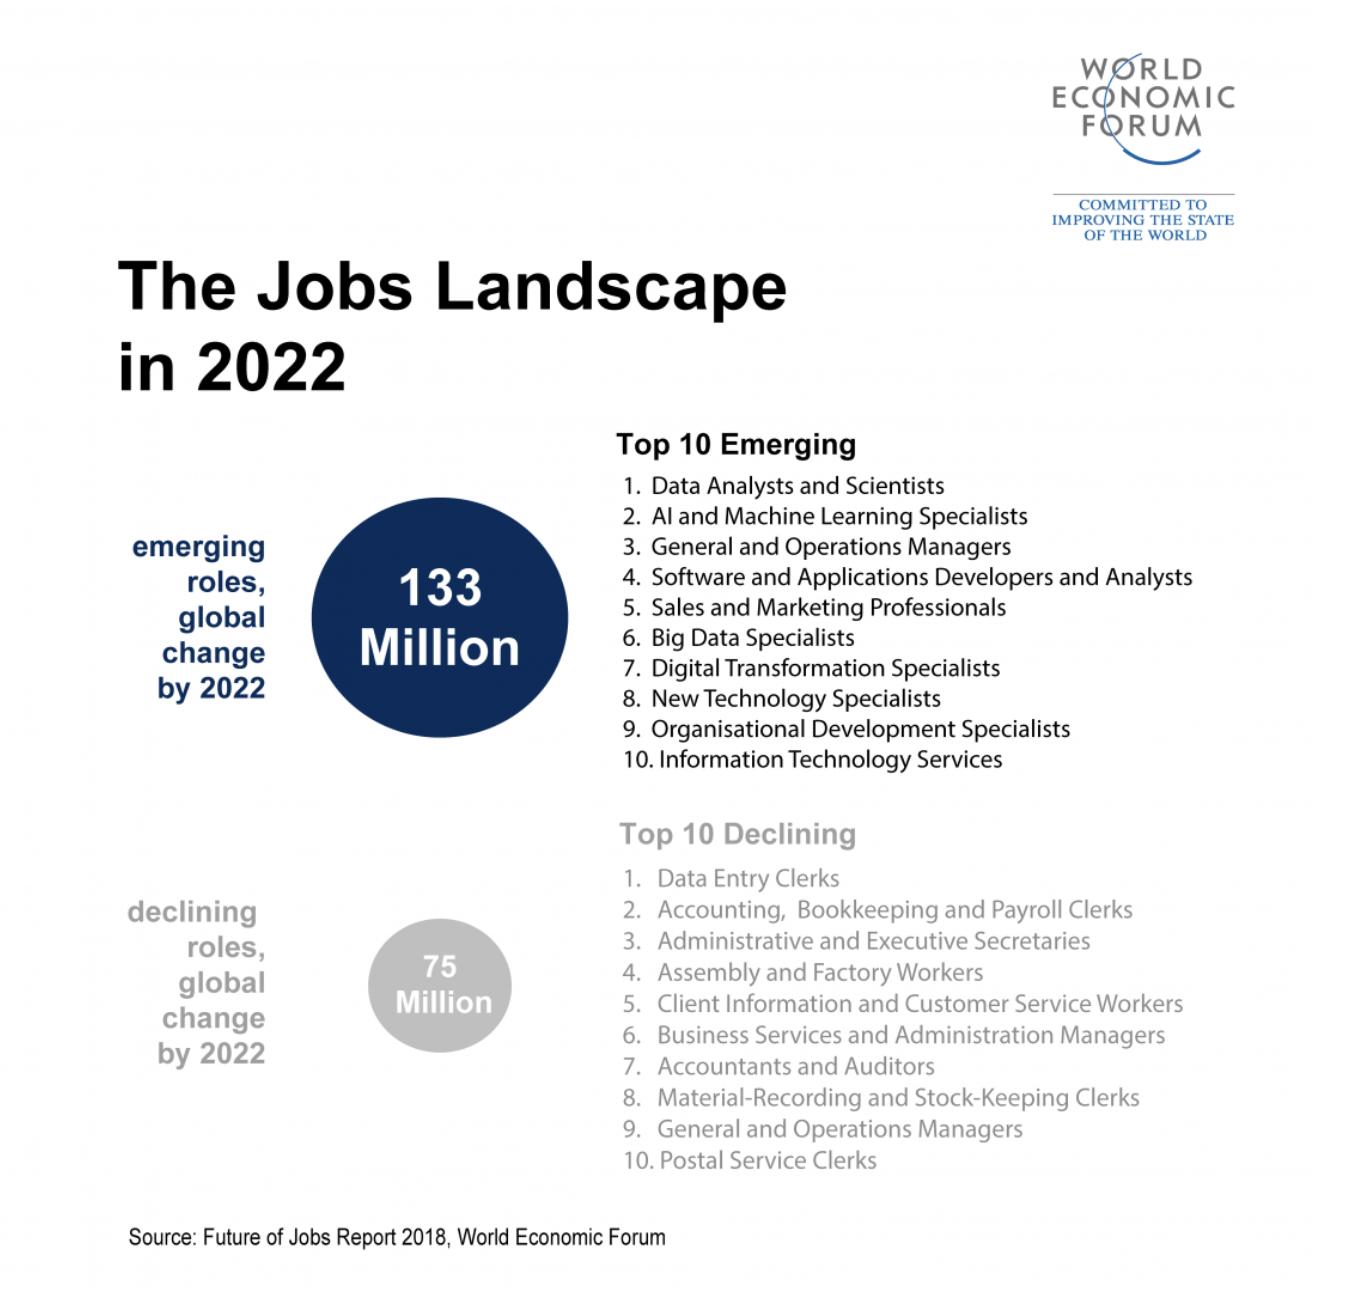 job landscape impaCCCt